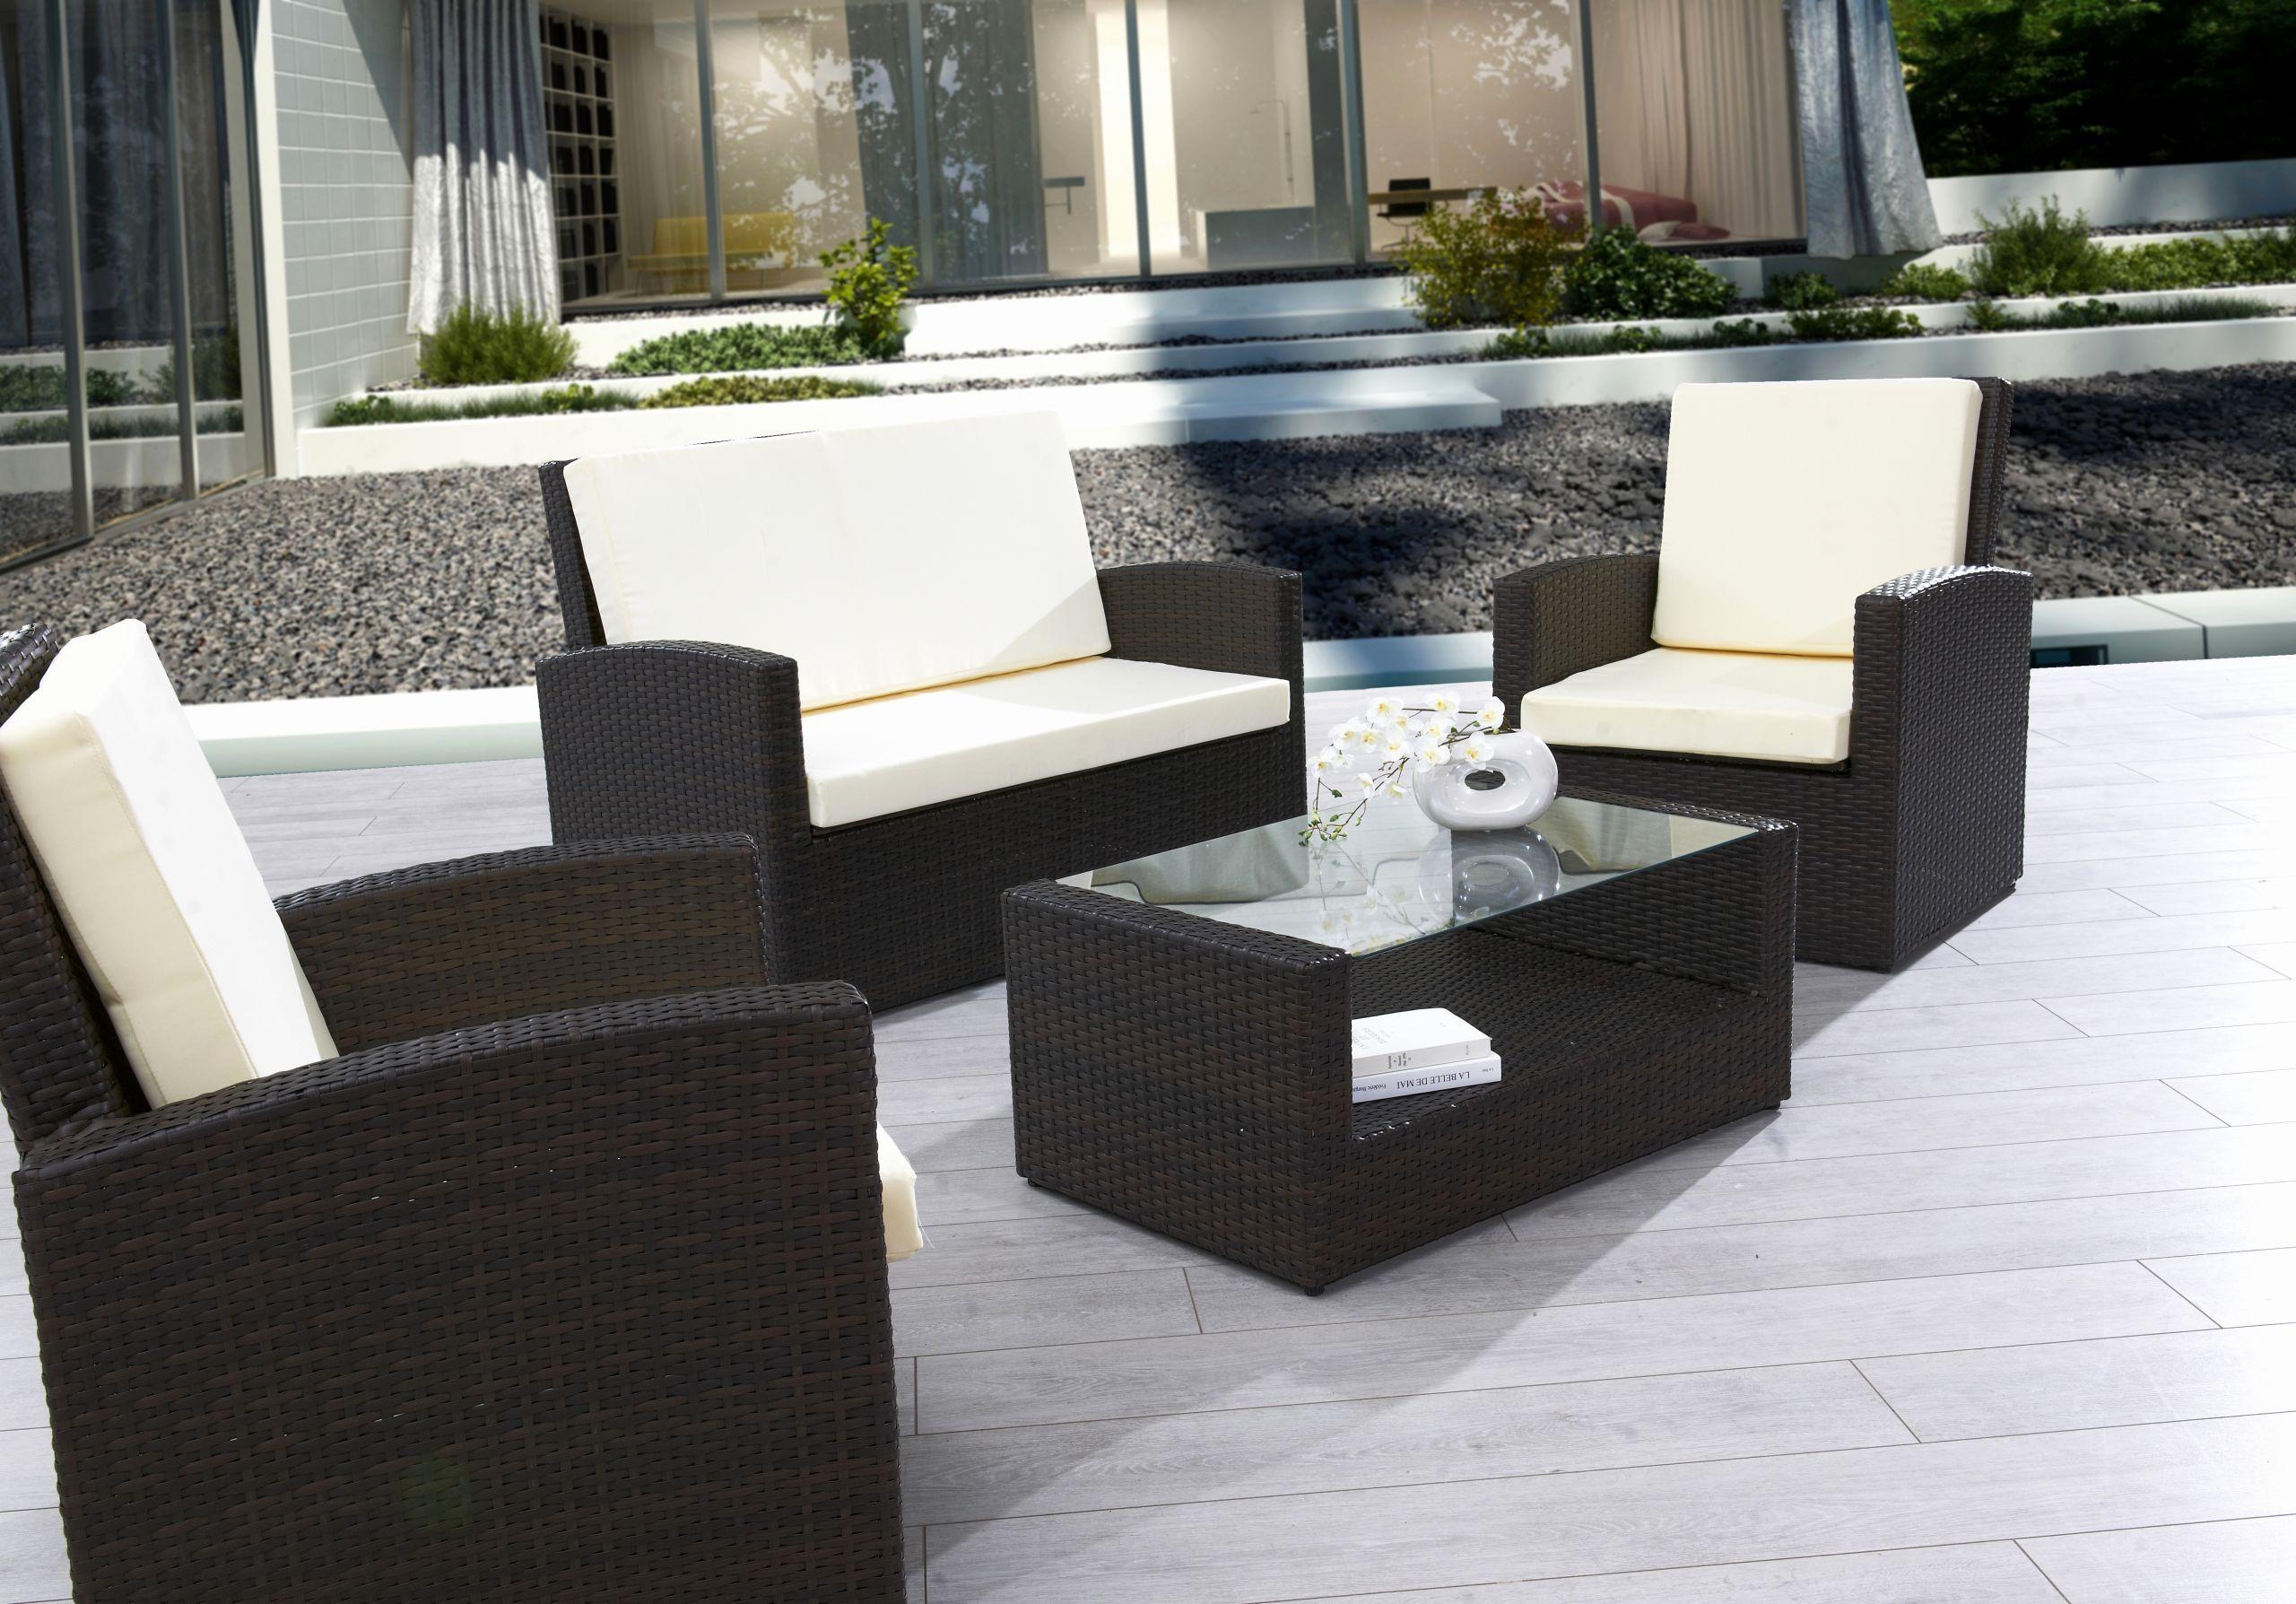 solde salon de jardin castorama genial salon de jardin resine tressee pas cher leclerc inspirant fauteuil of solde salon de jardin castorama